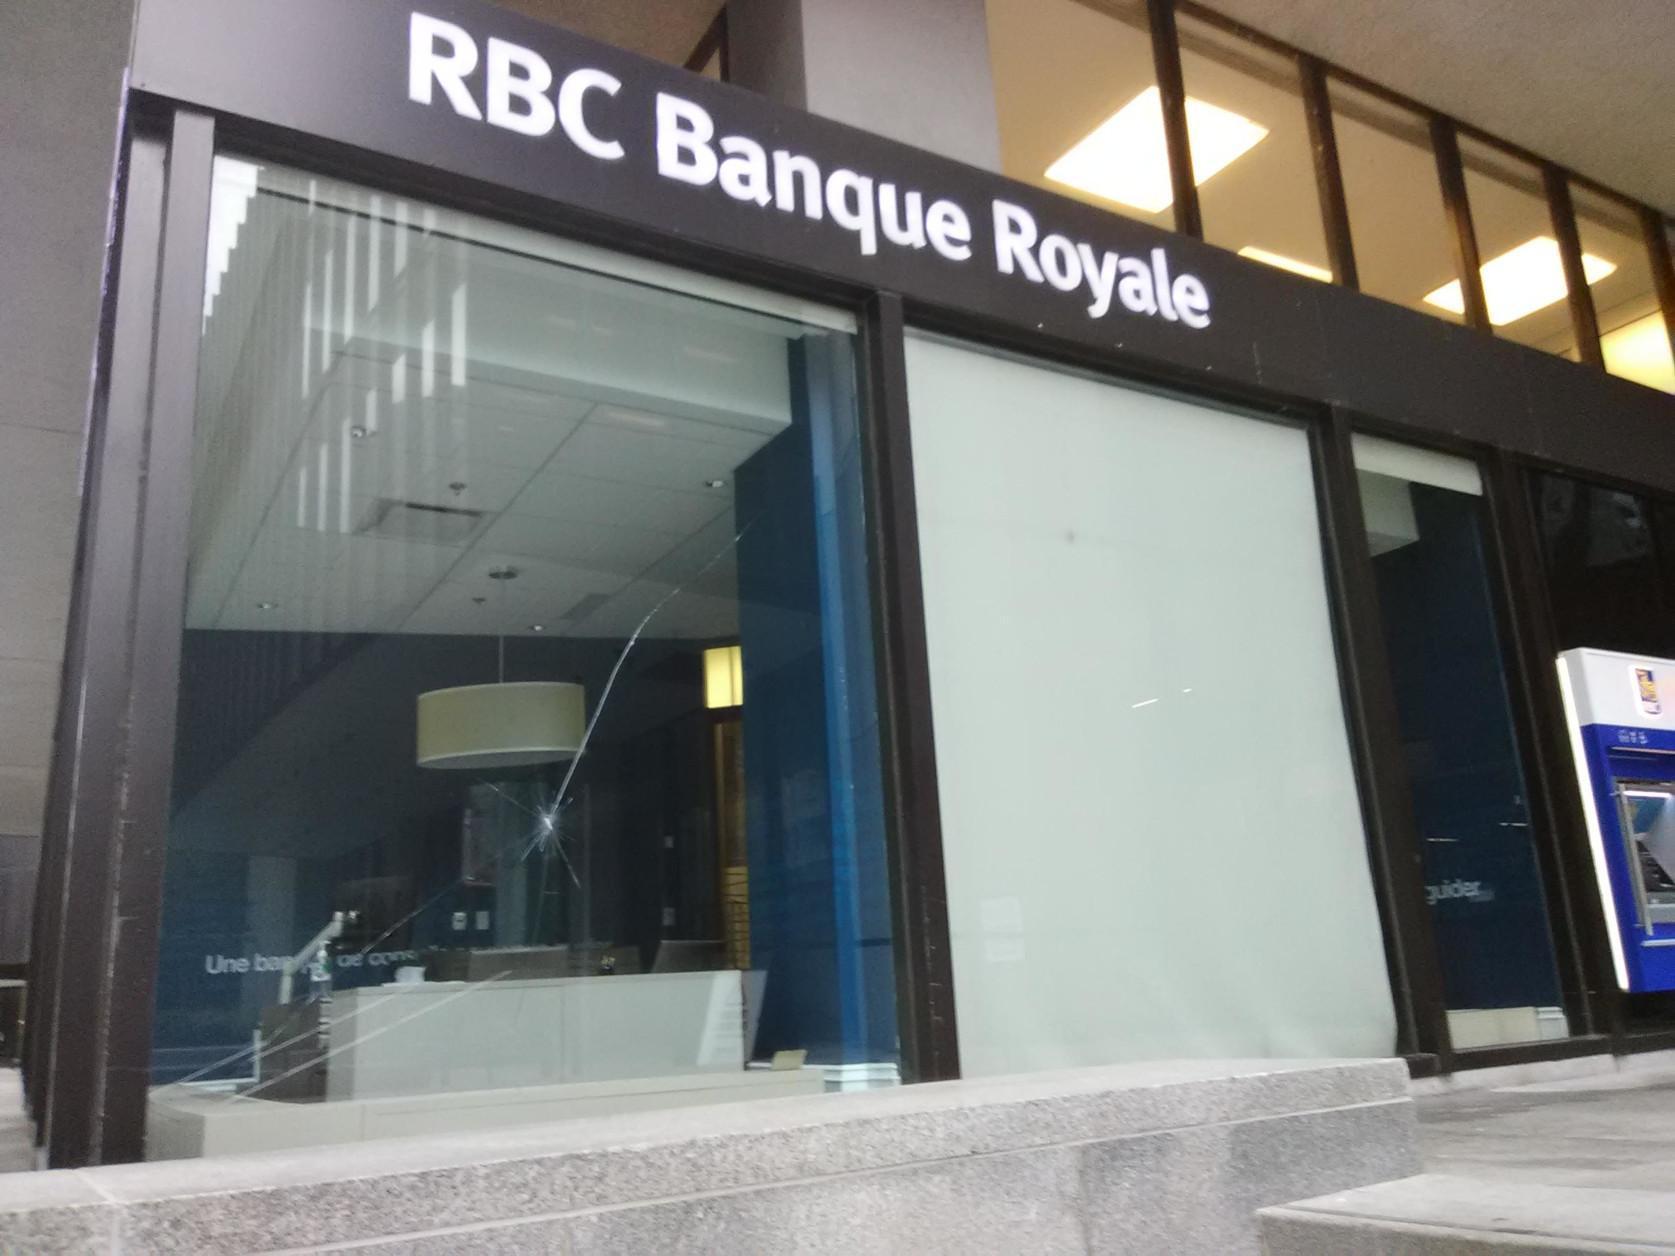 RBC prise pour cible en solidarité avec les défenseur.e.s de la terre Wet'suwet'en